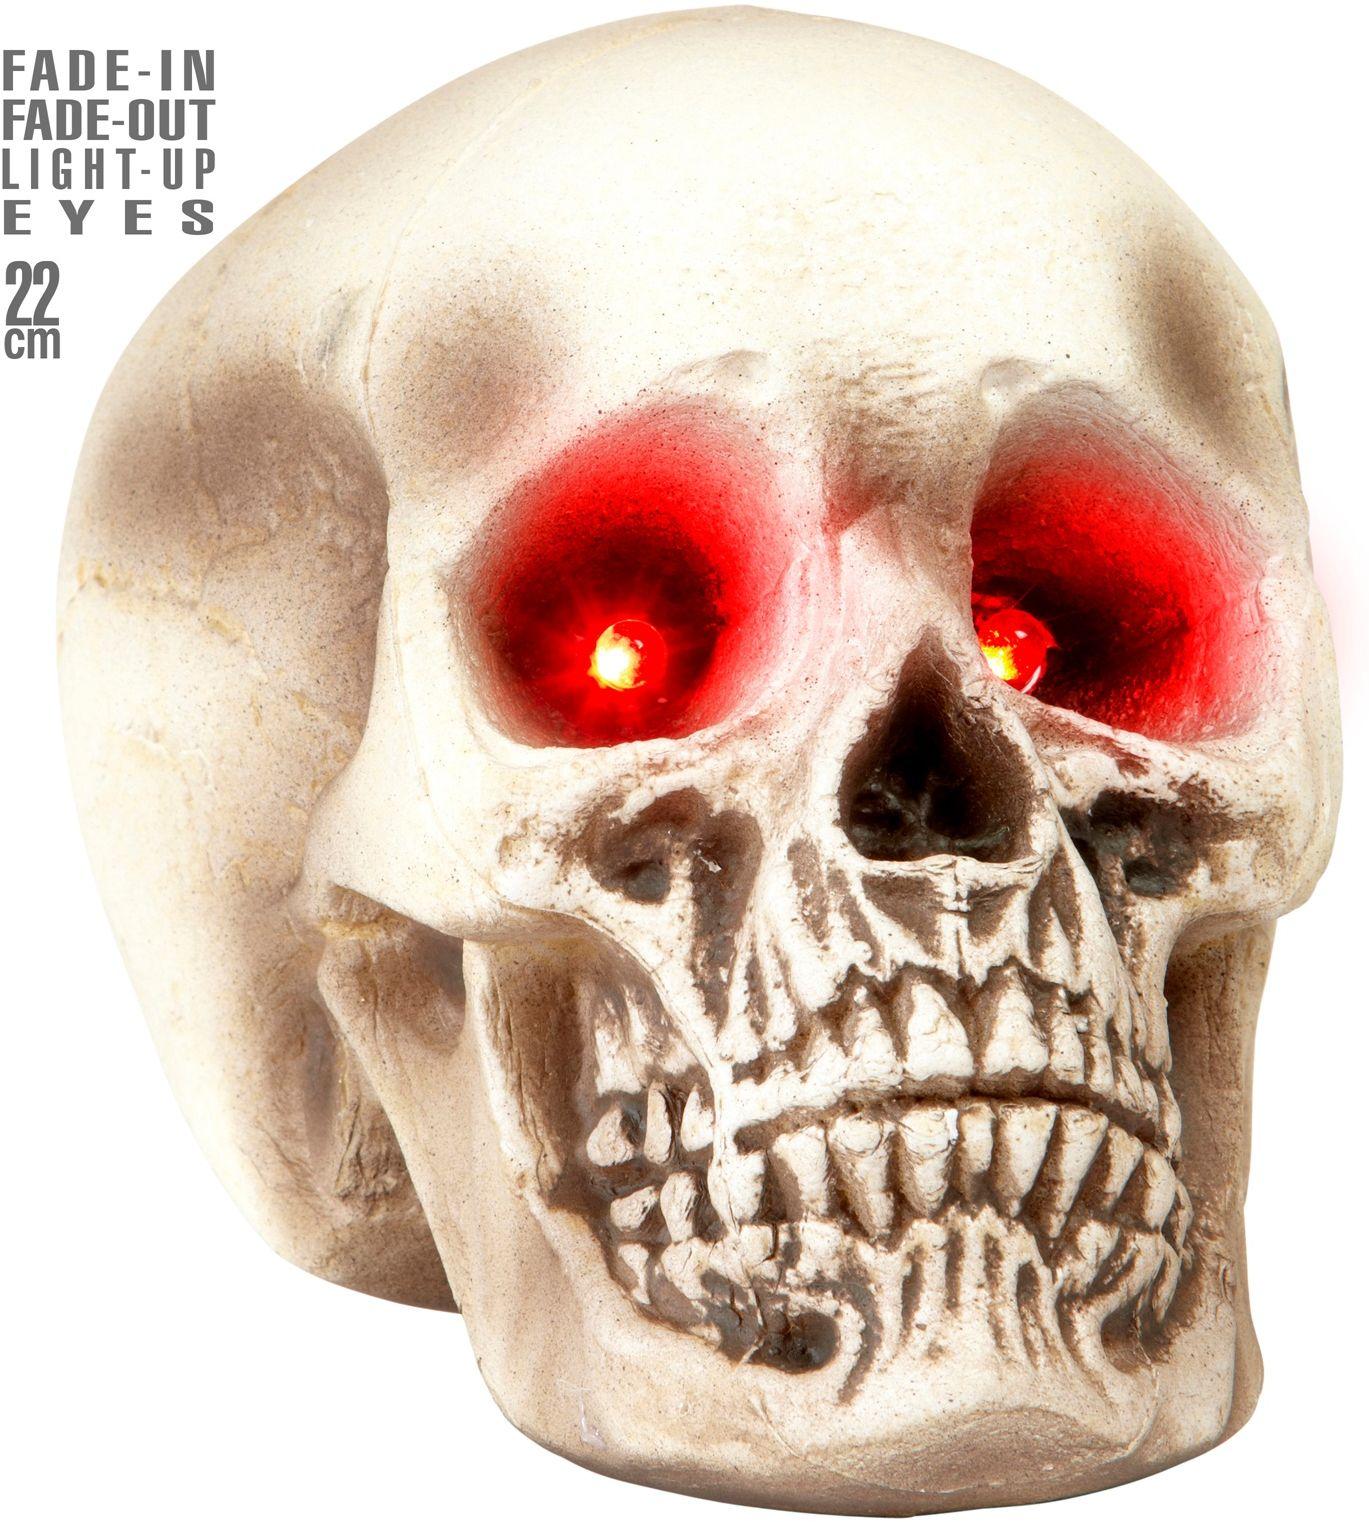 Doodskop met oogverlichting